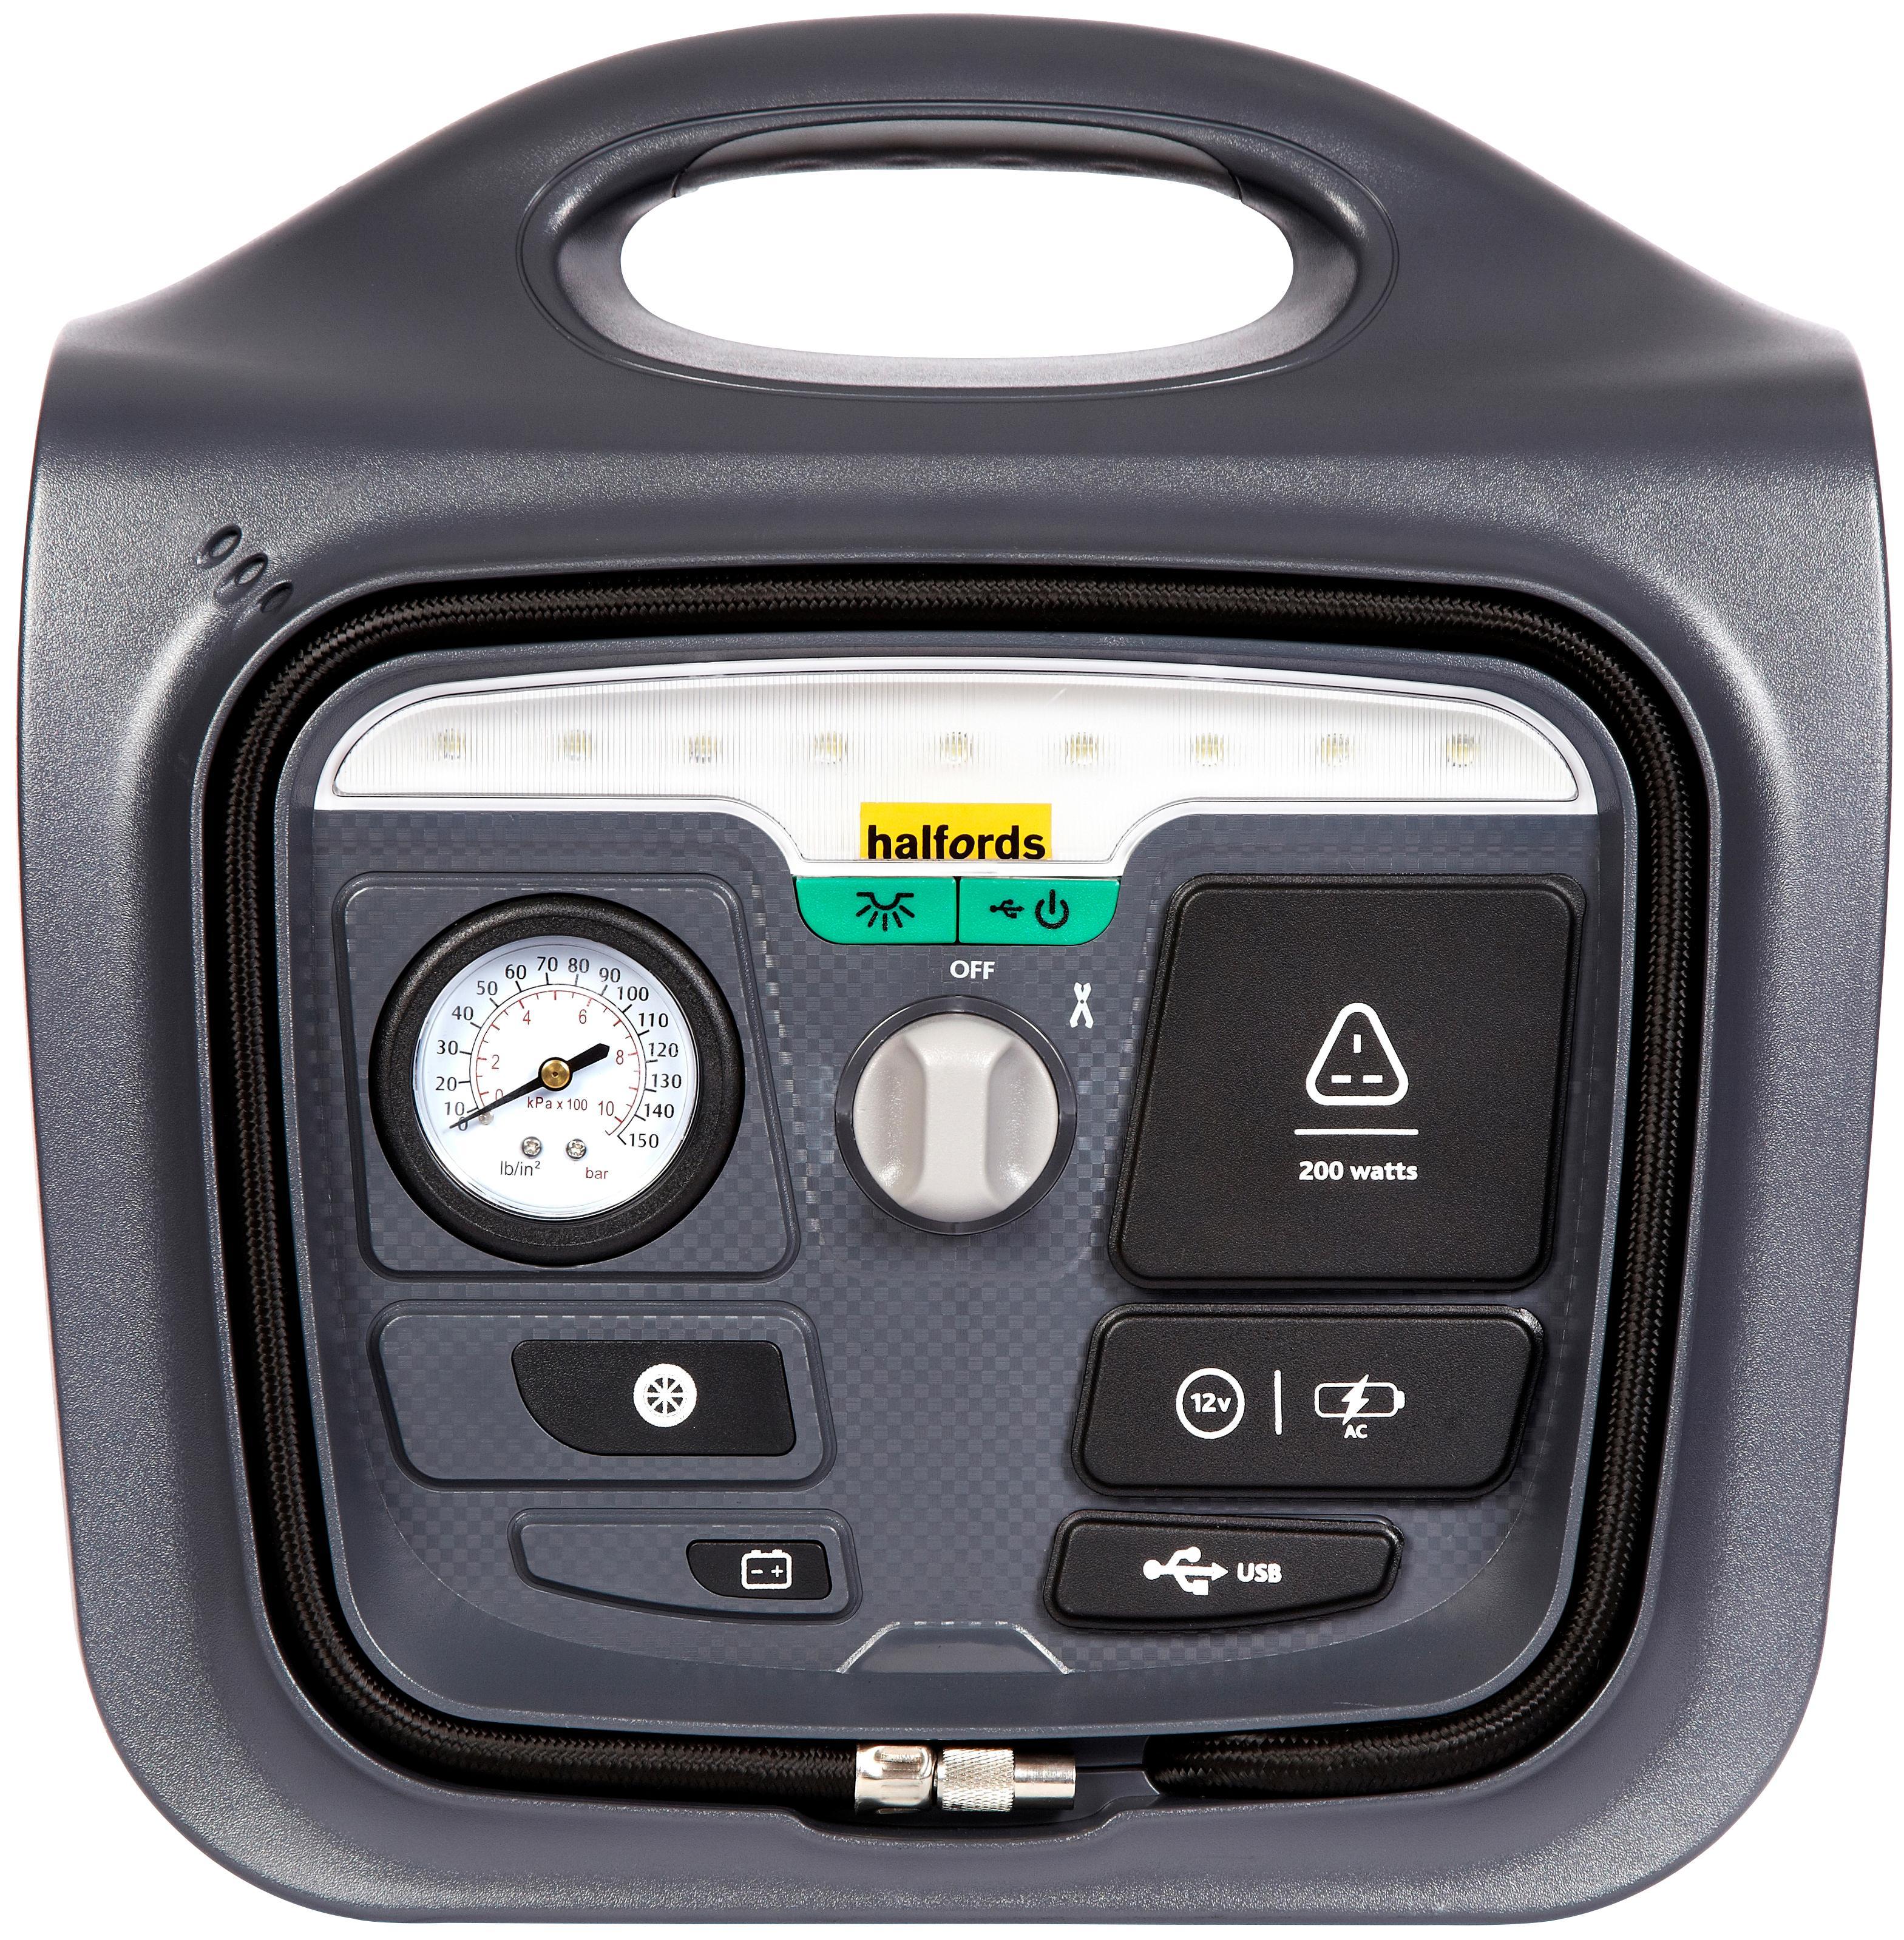 Halfords Power Pack 200 150PSI Compressor 200W Inverter 2.1A USB Charging  Socket